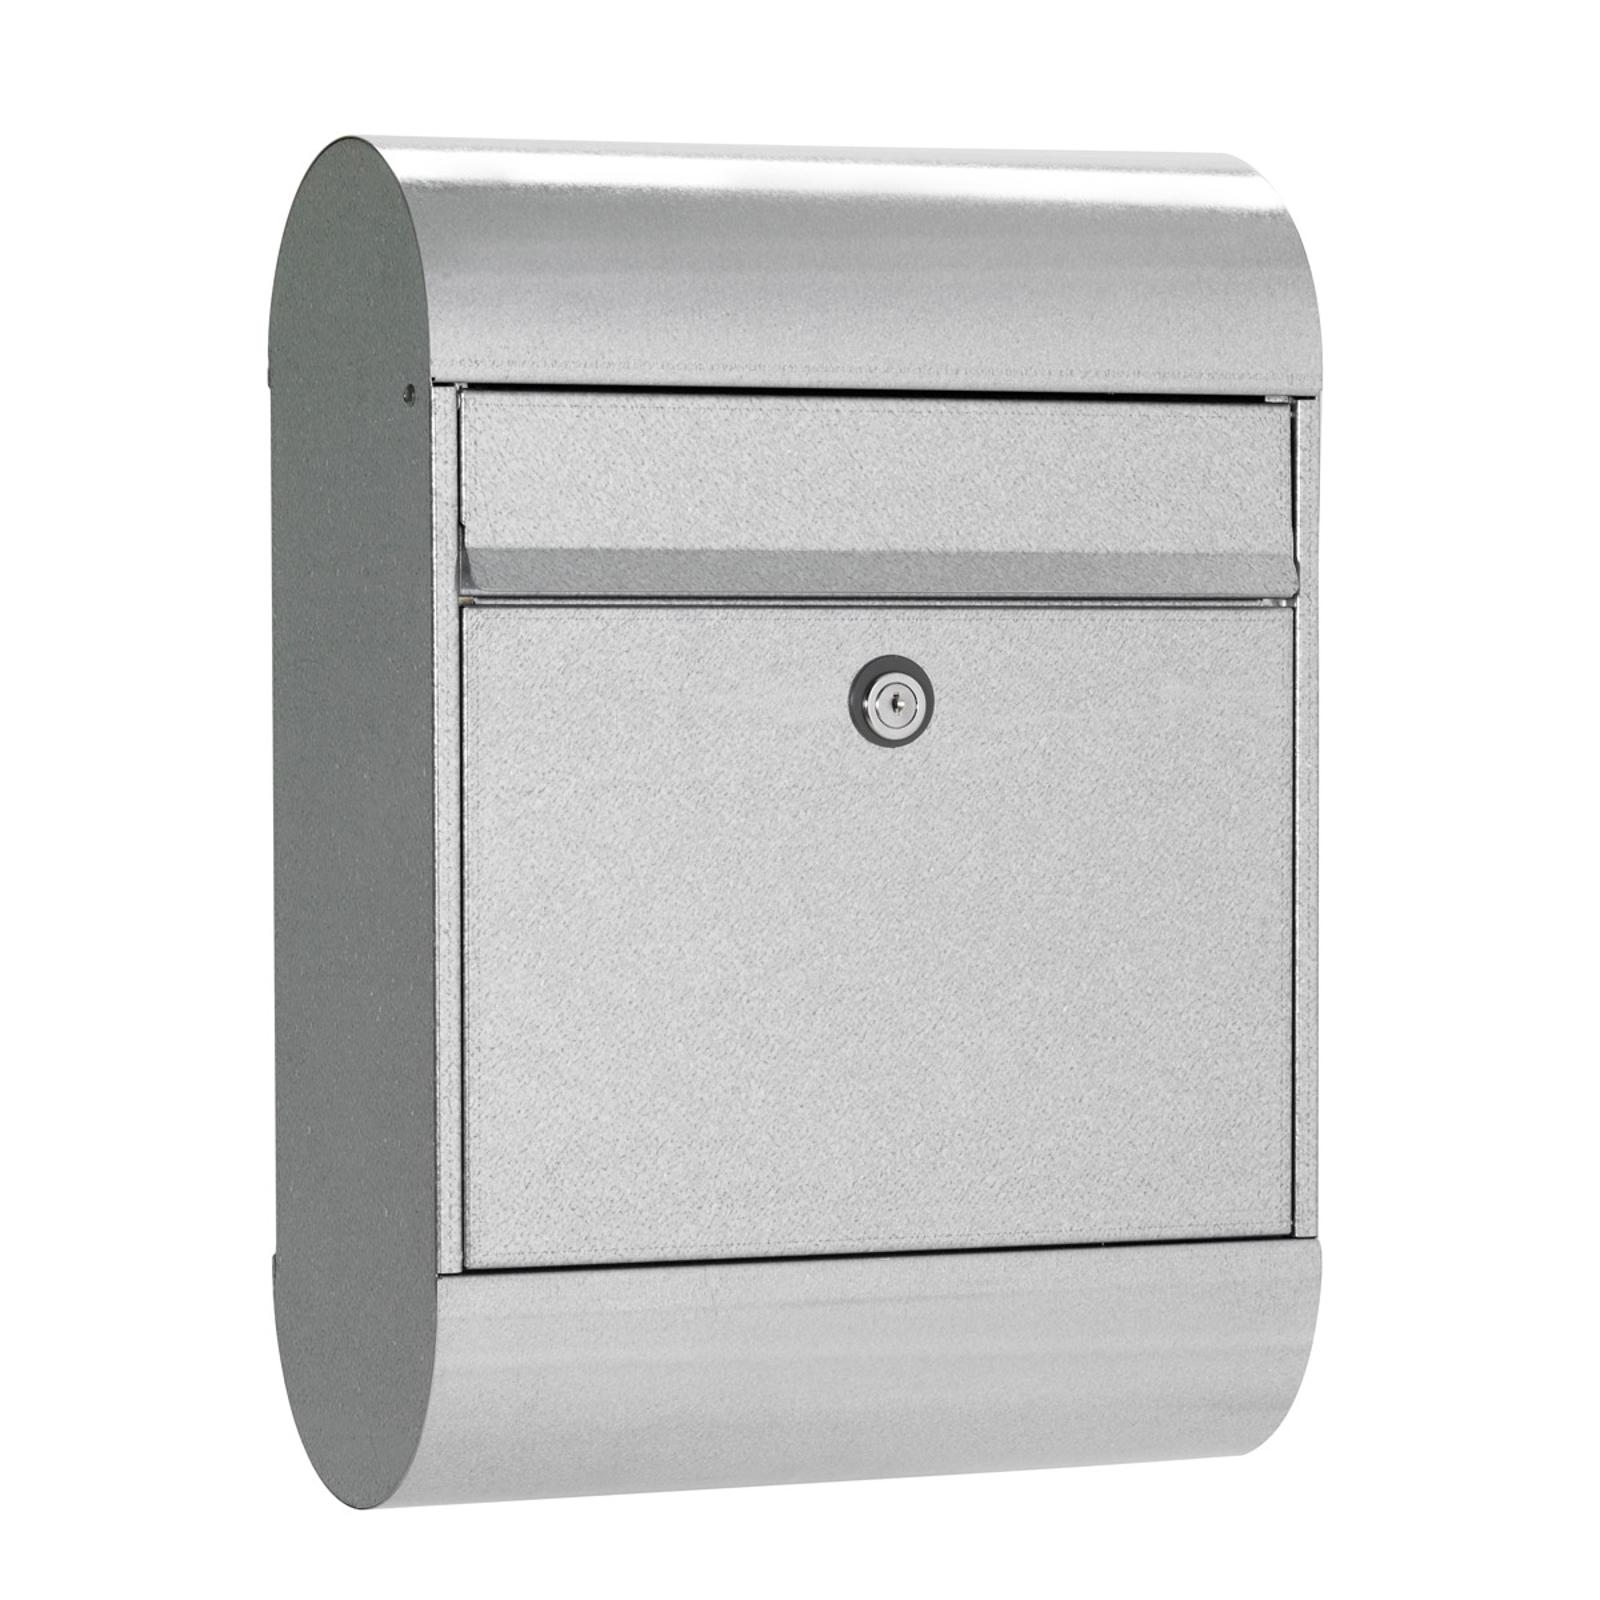 Boîte aux lettres scandinave 6000 en acier